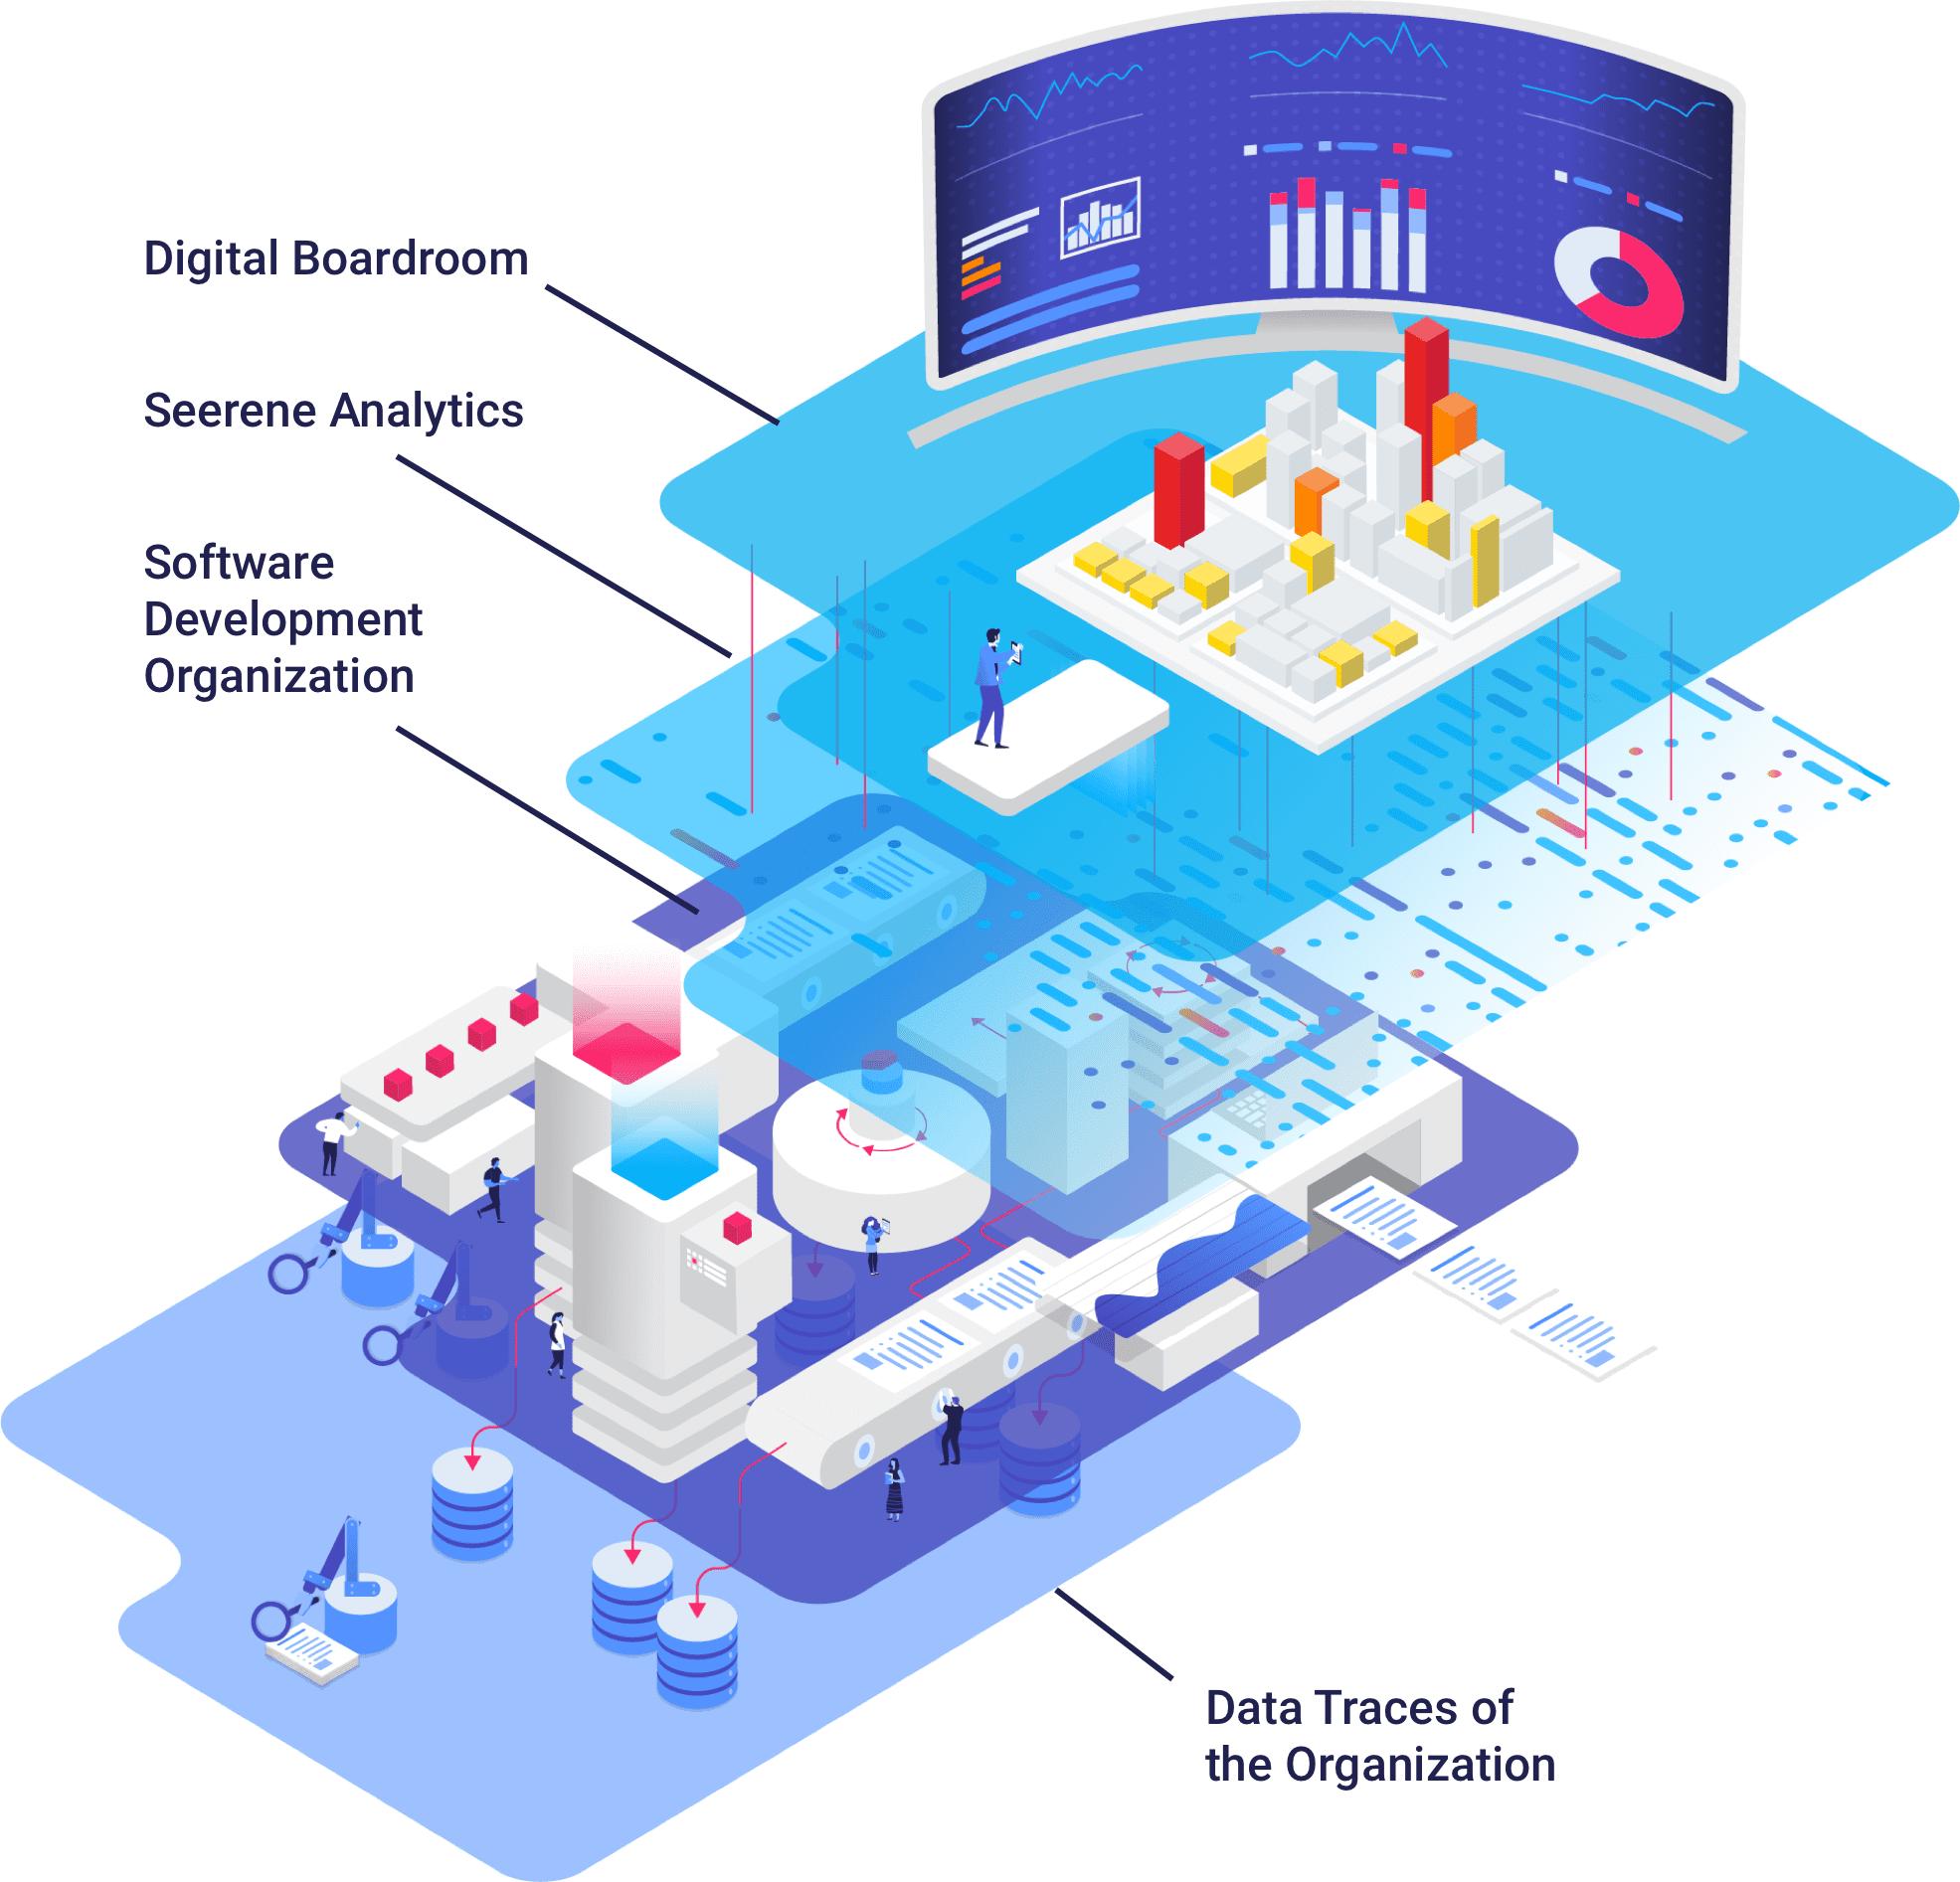 Seerene-data-analytics-management-white bg-labels@3x